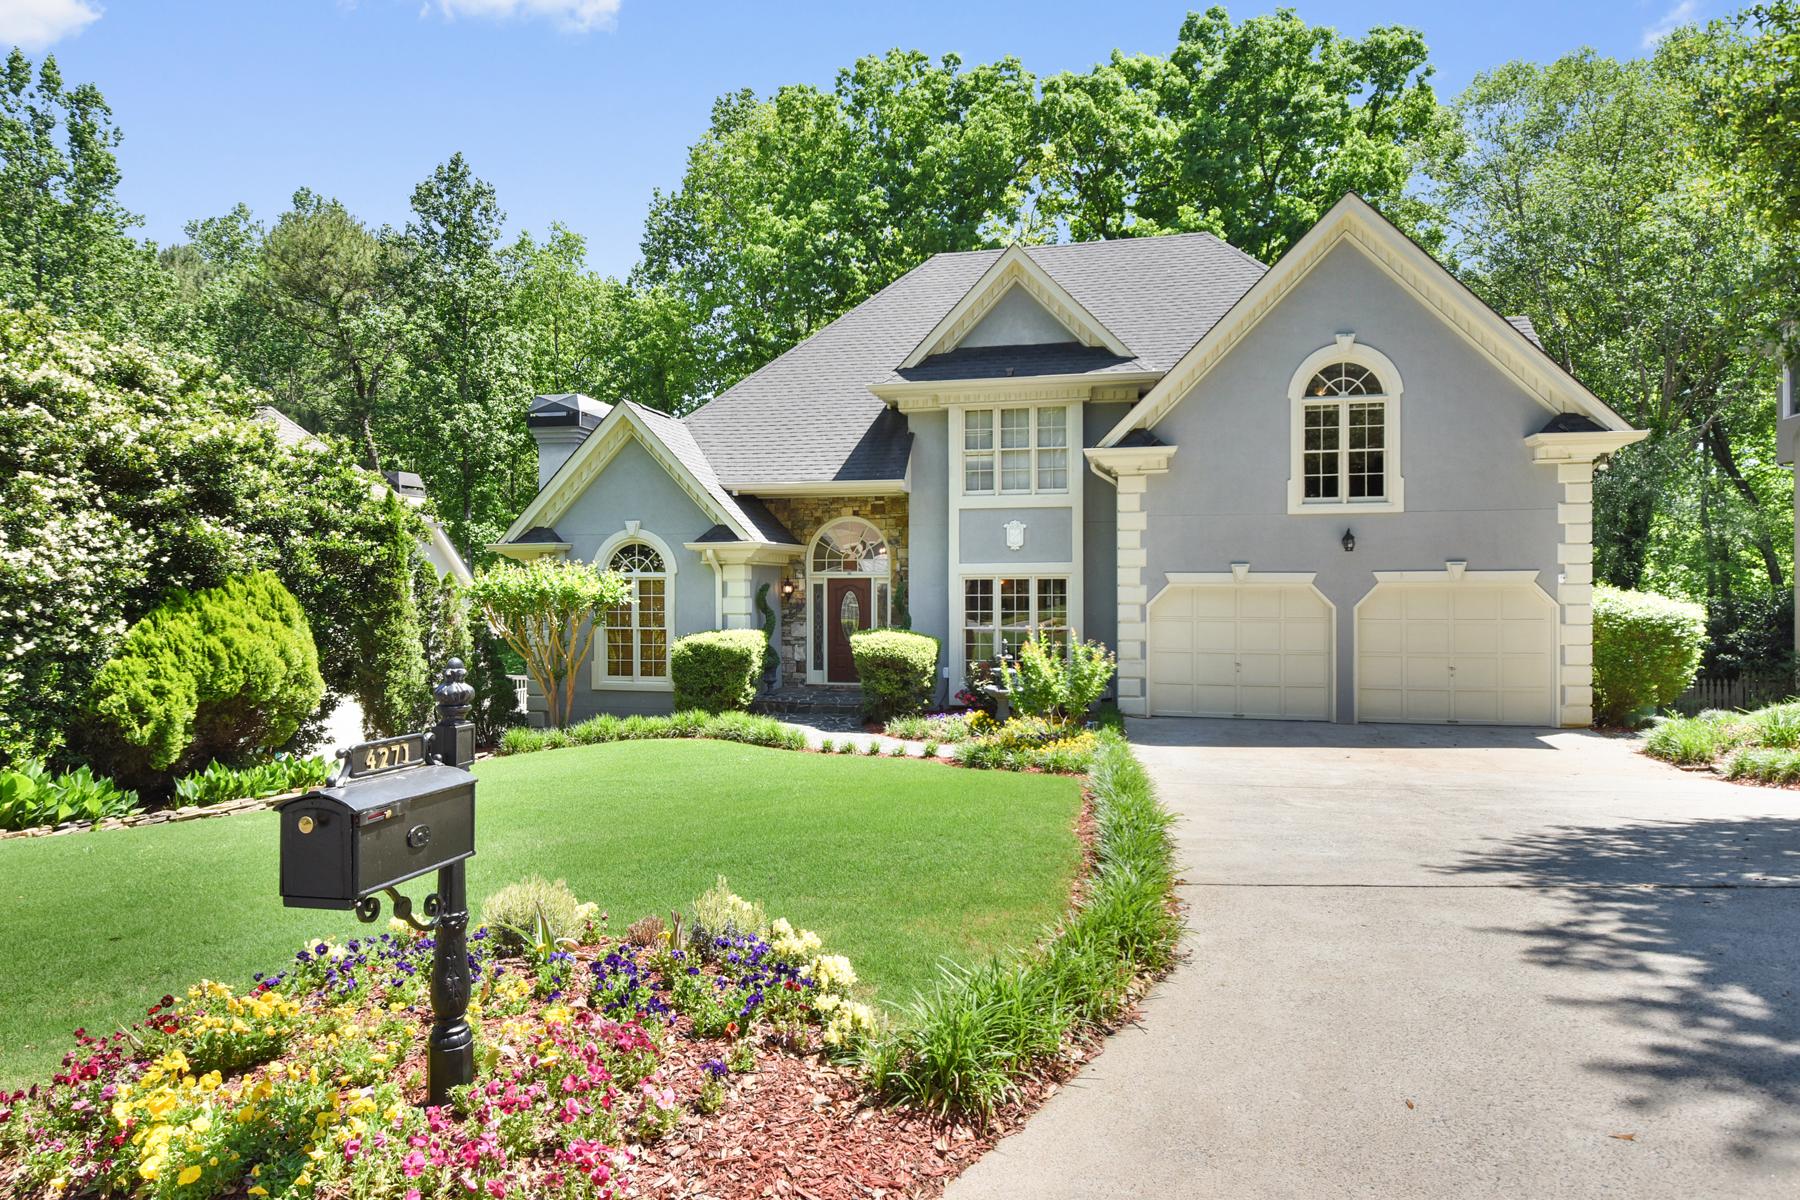 단독 가정 주택 용 매매 에 Picture Perfect In Vinings Glen 4271 Ridgehurst Drive SE Smyrna, 조지아, 30080 미국